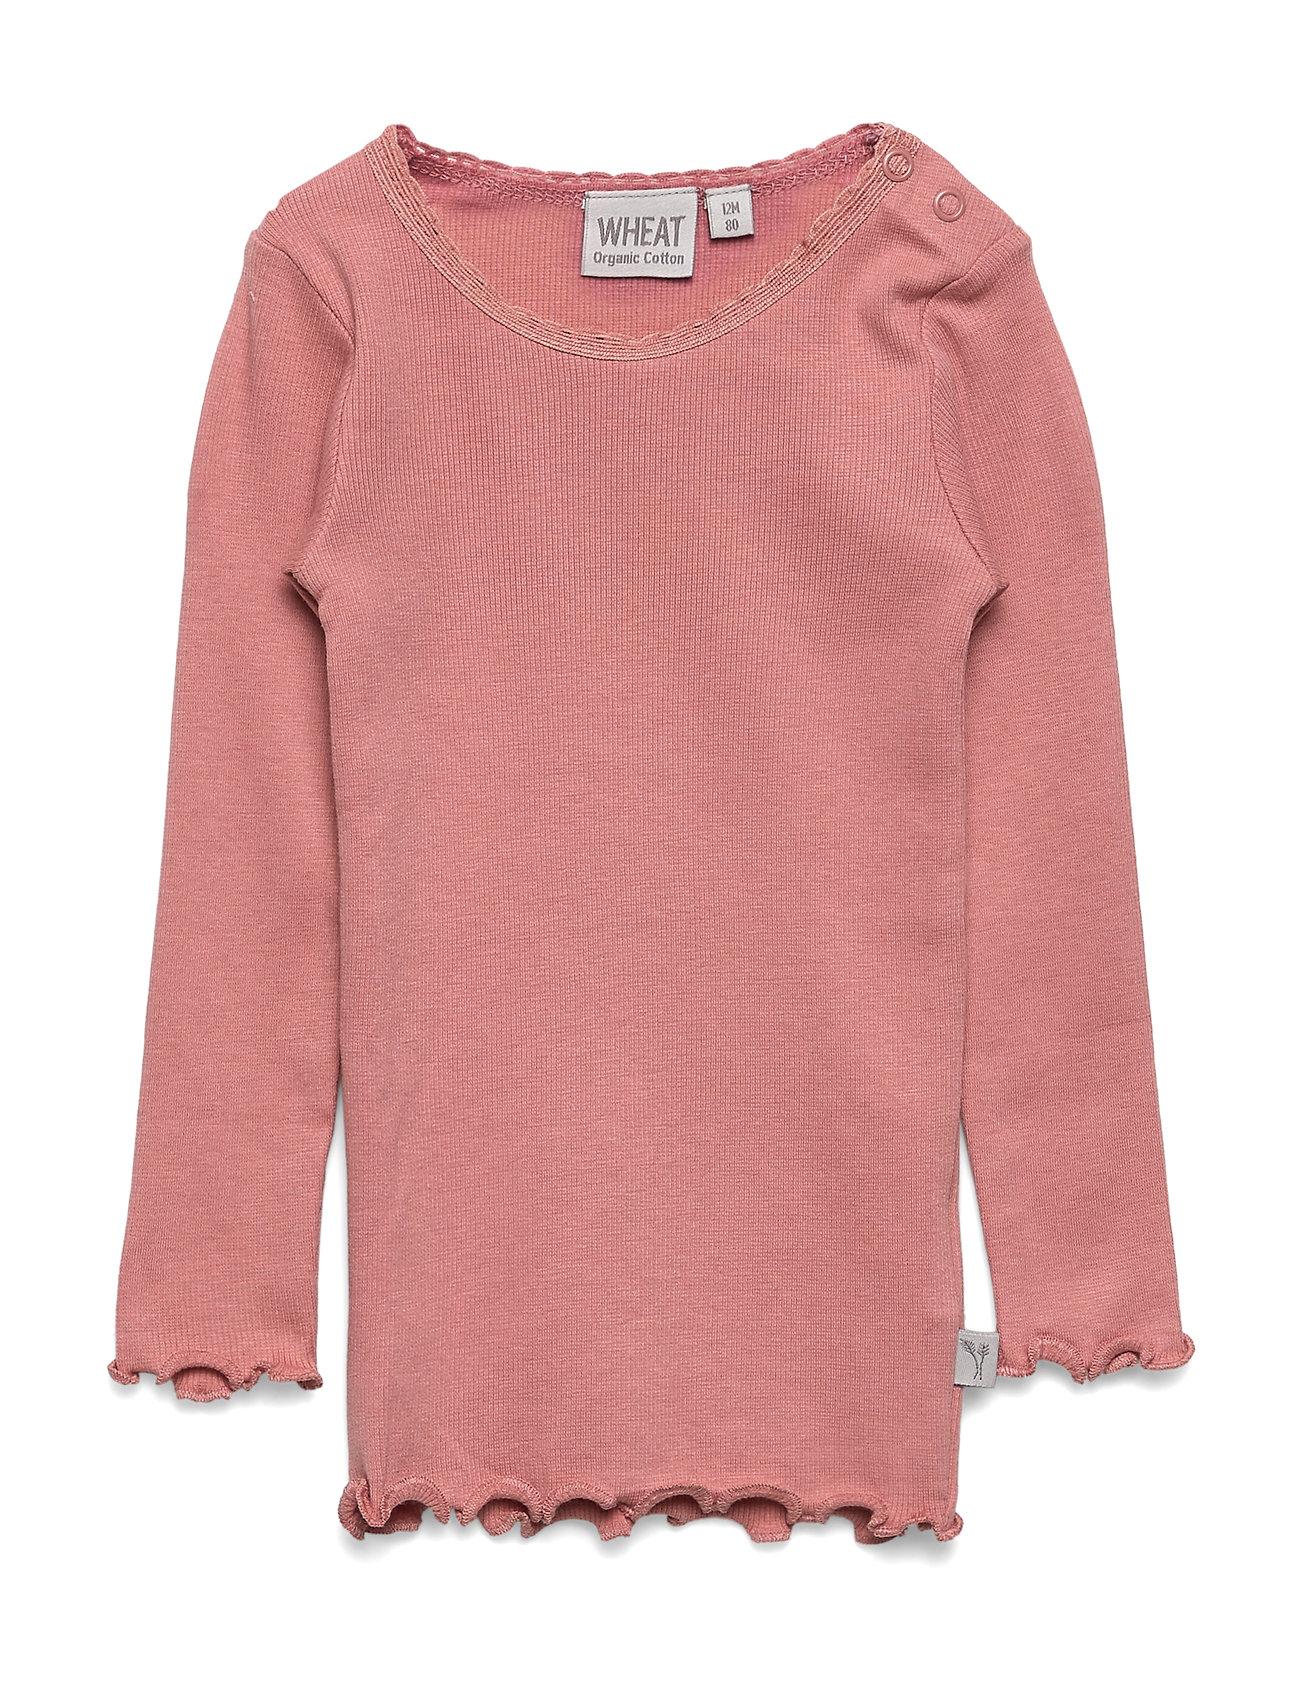 Rib T Shirt Lace Ls Langærmet T shirt Lyserød Wheat